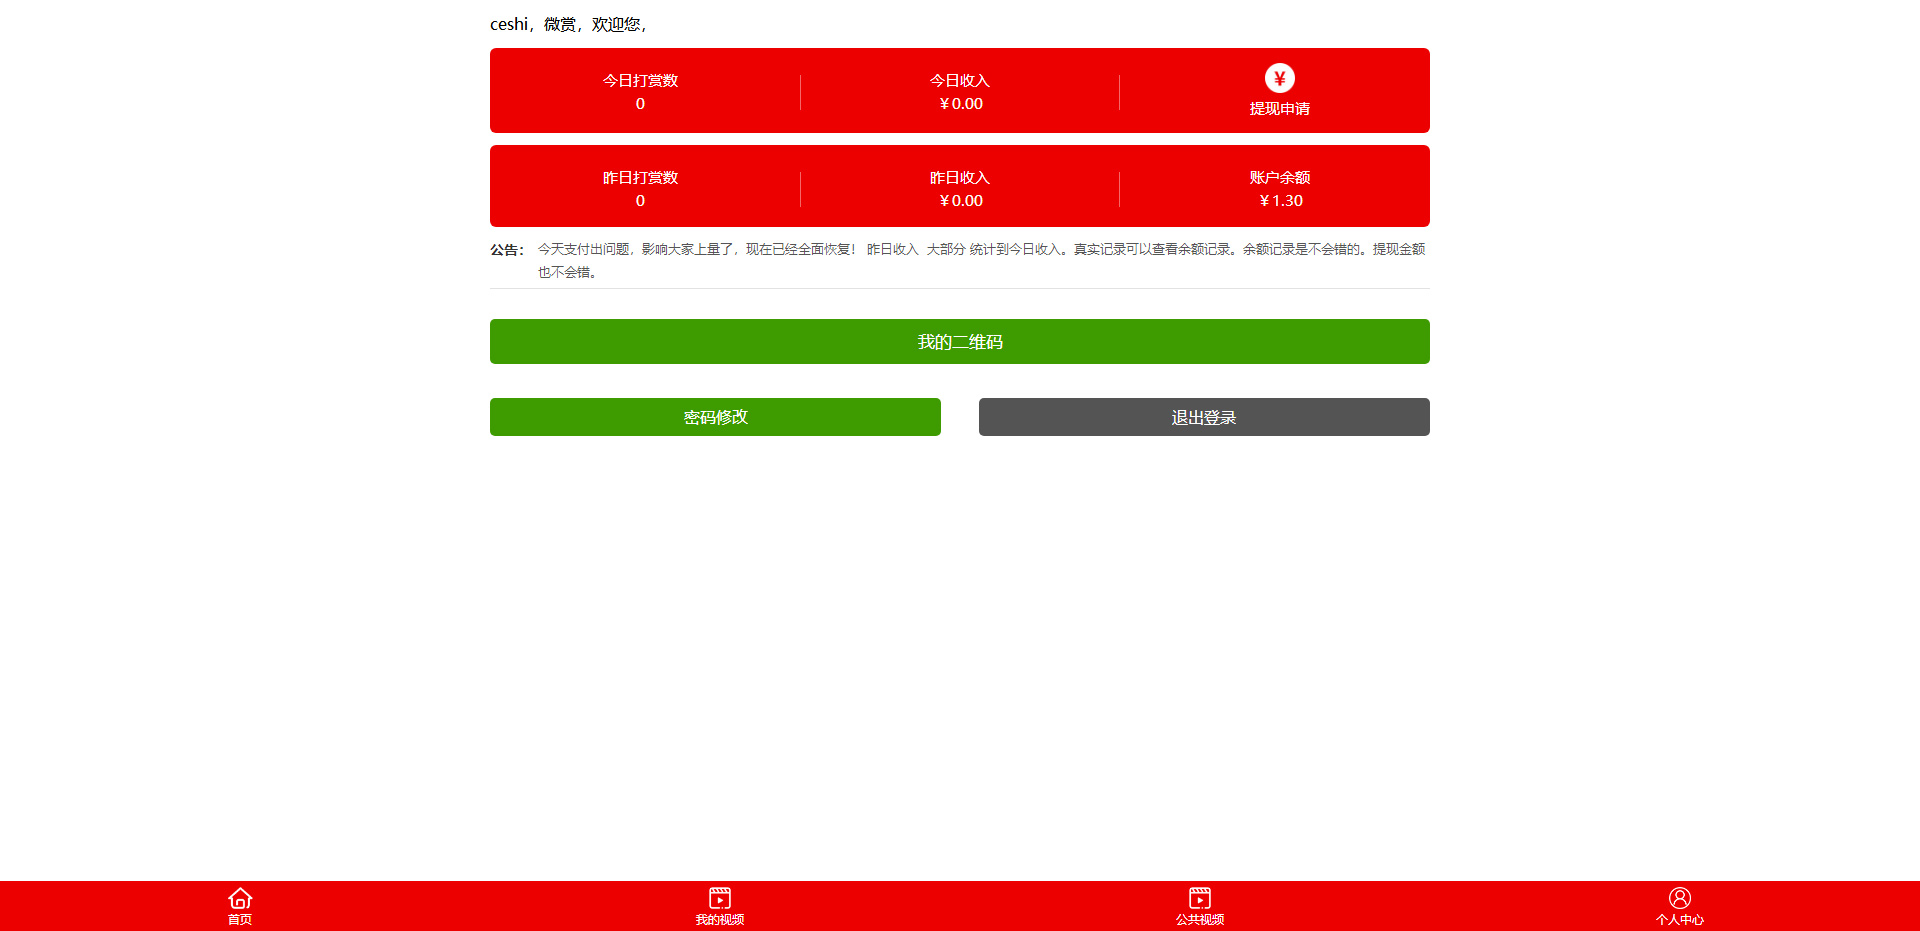 【云赏V8.1及V8.5终结版】2020情人节最新包天功能全新馆UI视频打赏源码接好全新极速云支付-蓝汇源码